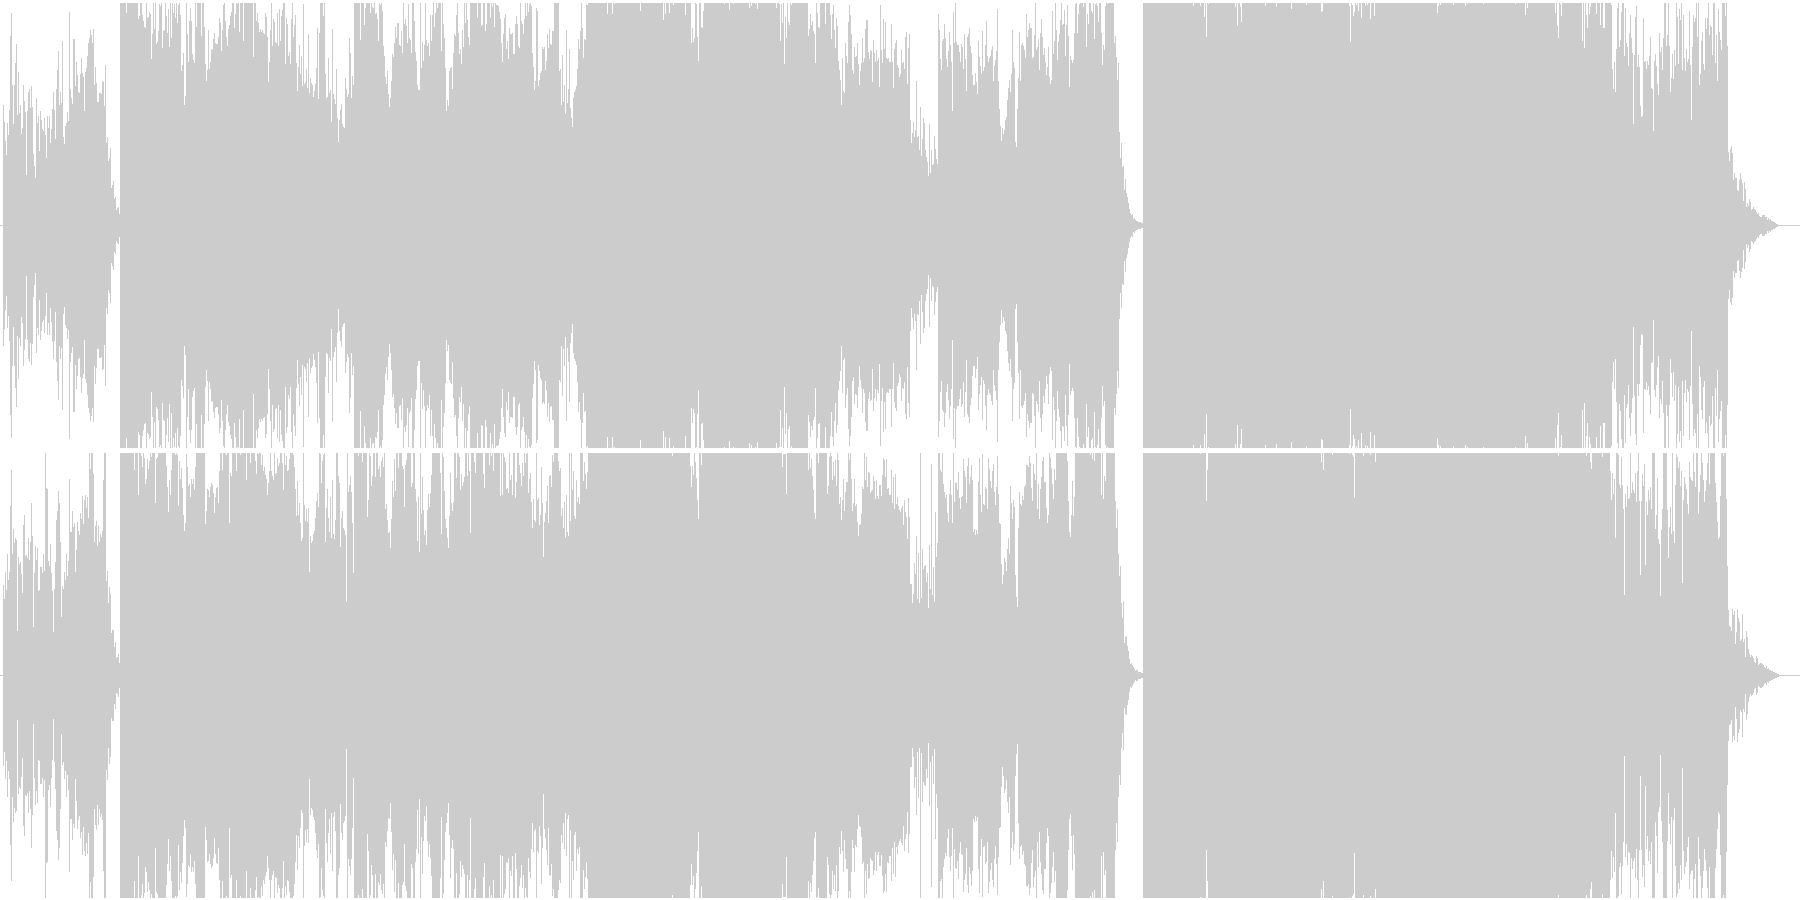 バイオリンを主旋律にしたエレクトロニカの未再生の波形